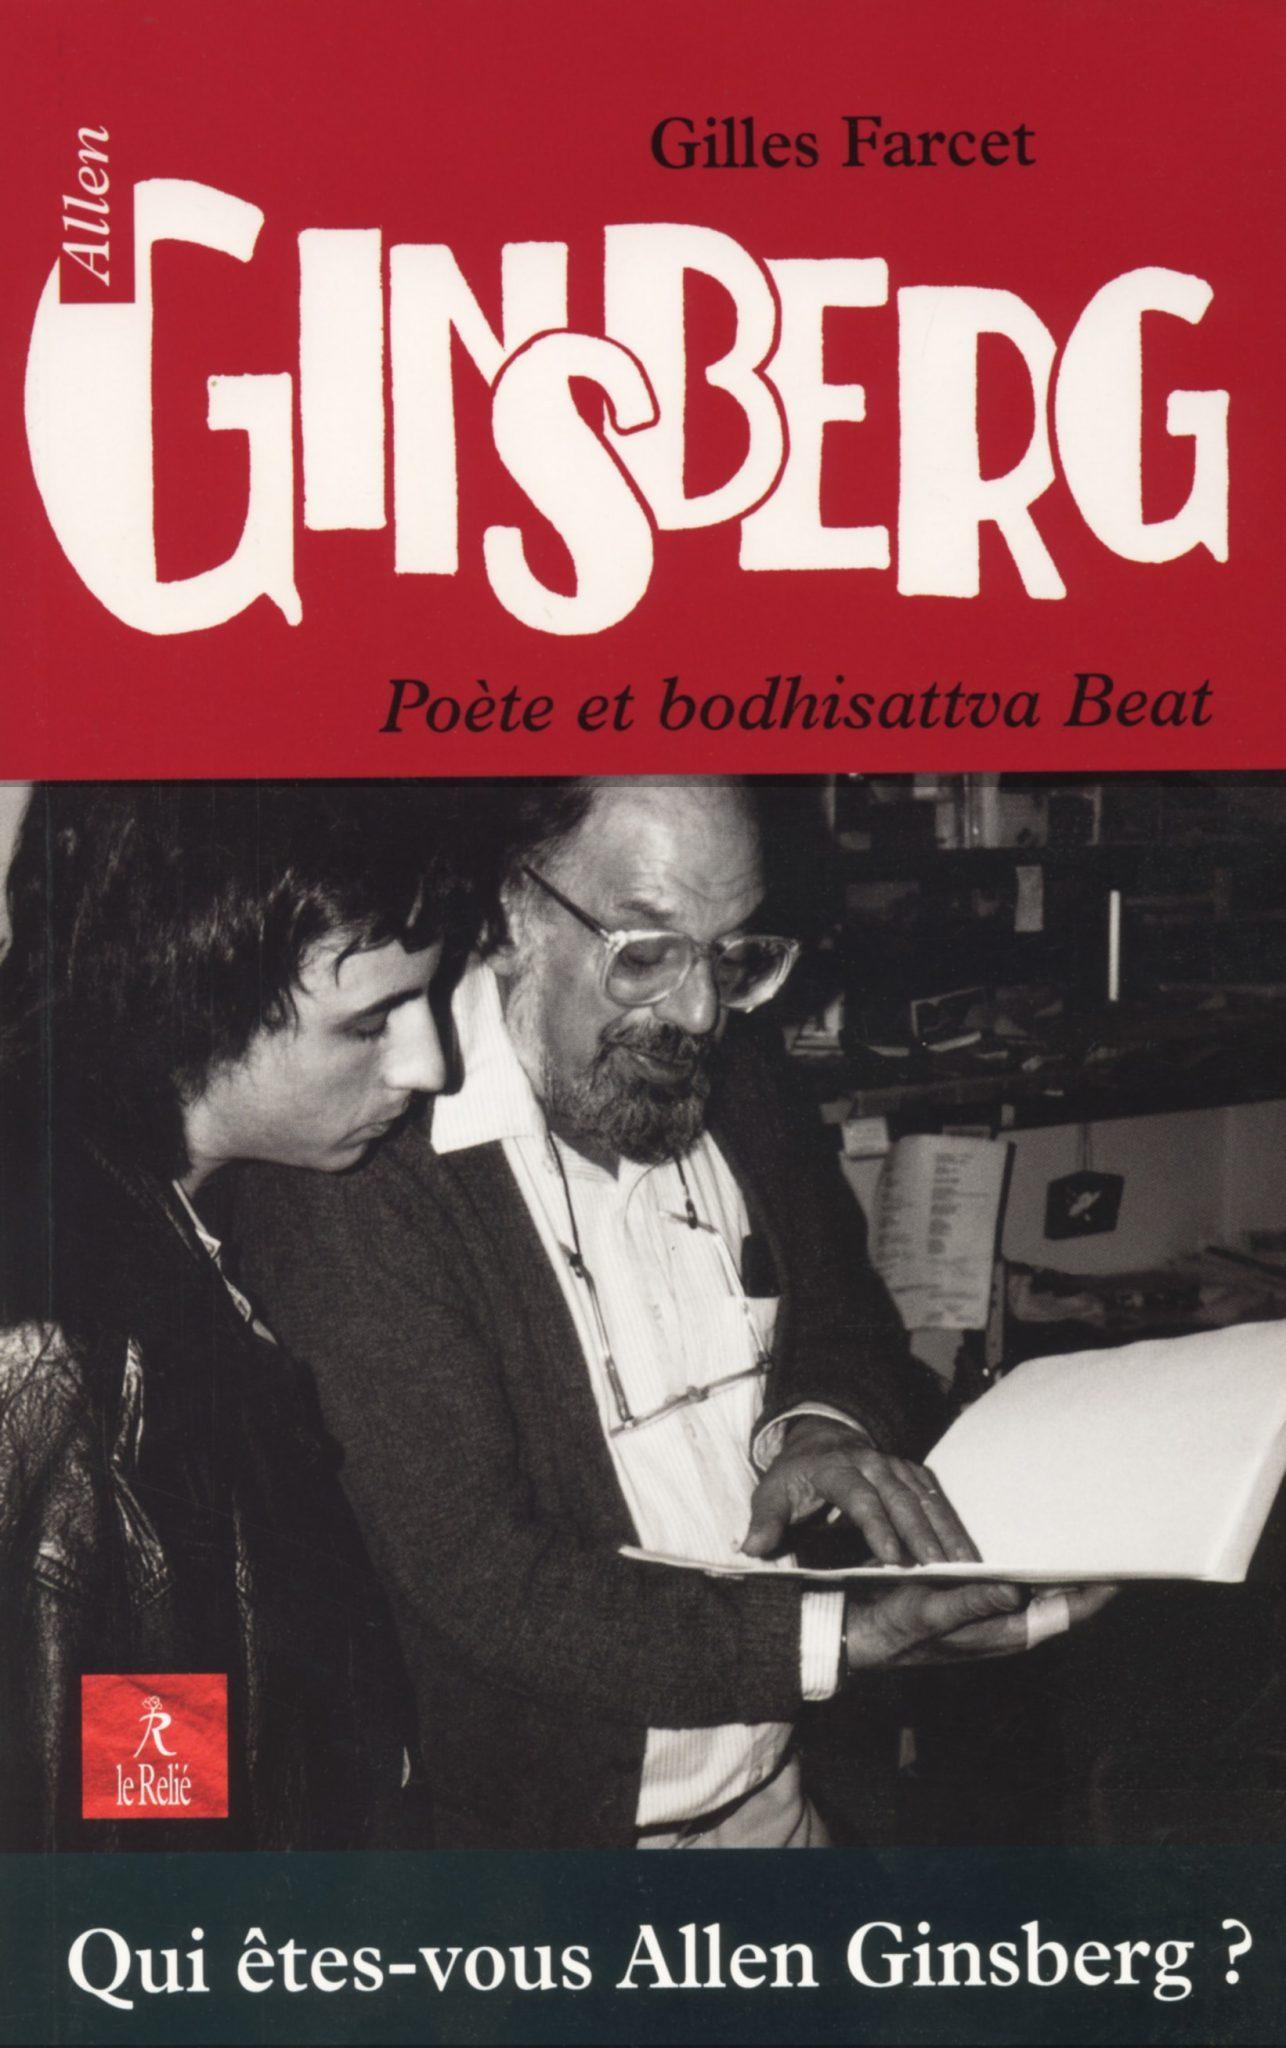 Allen Ginsberg, Poète et bodhisattva Beat Gilles Farcet image couverture